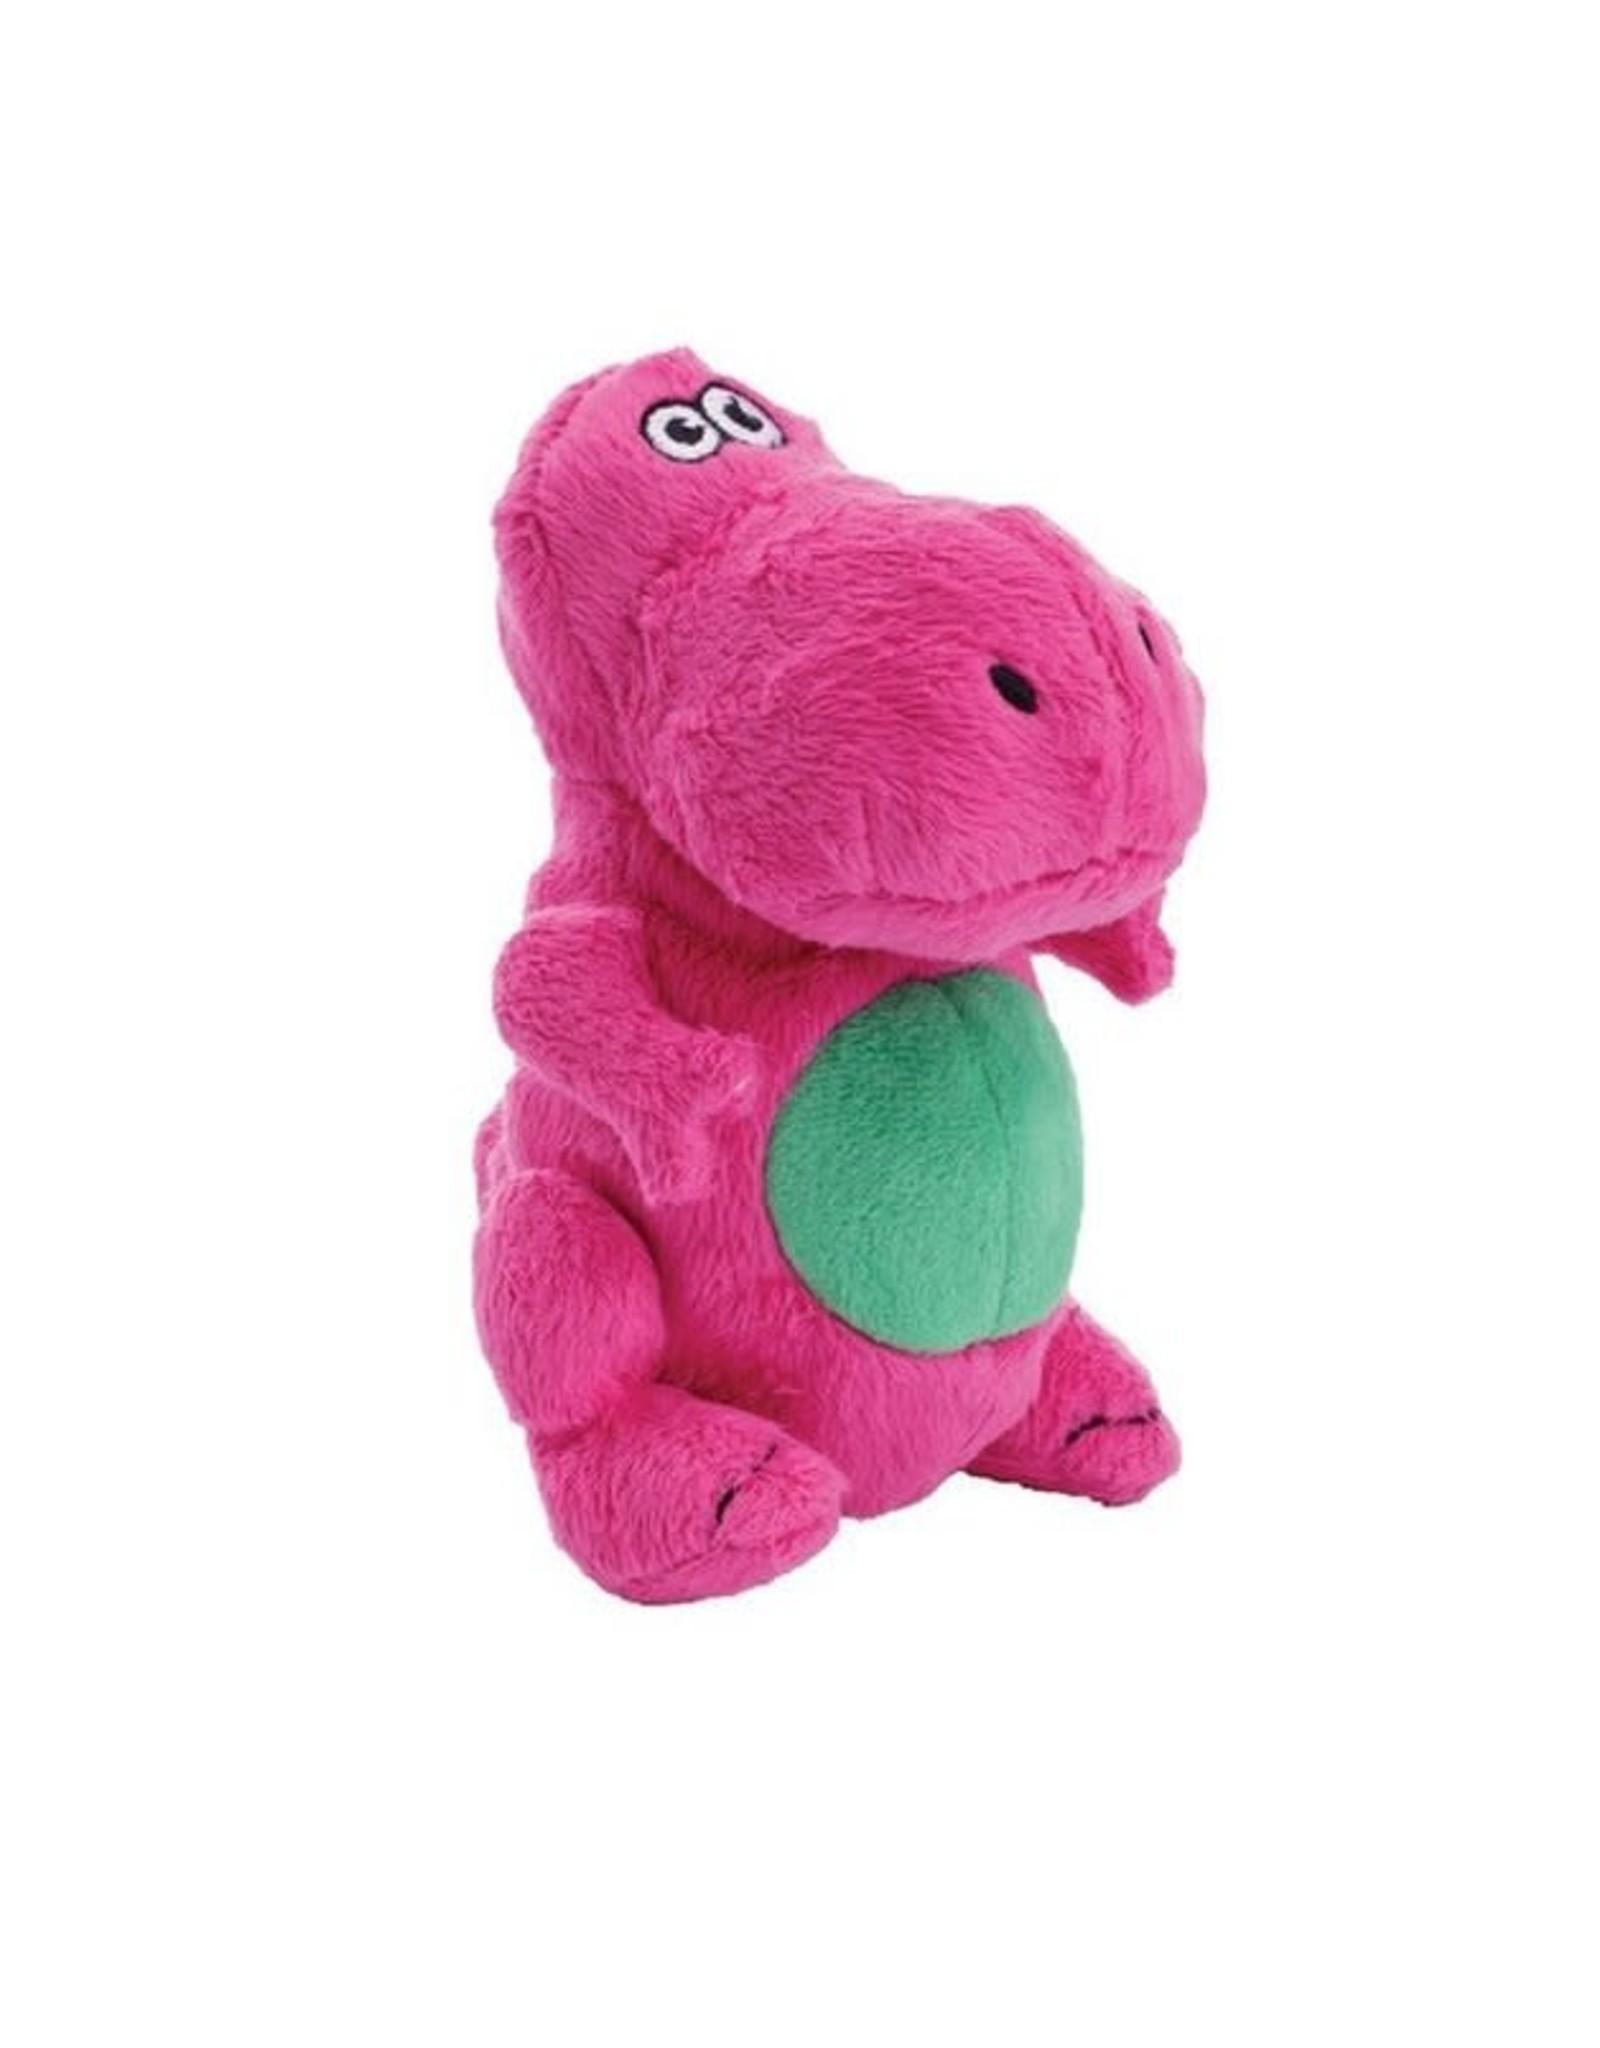 GODOG GODOG Just For Me - T-Rex Pink